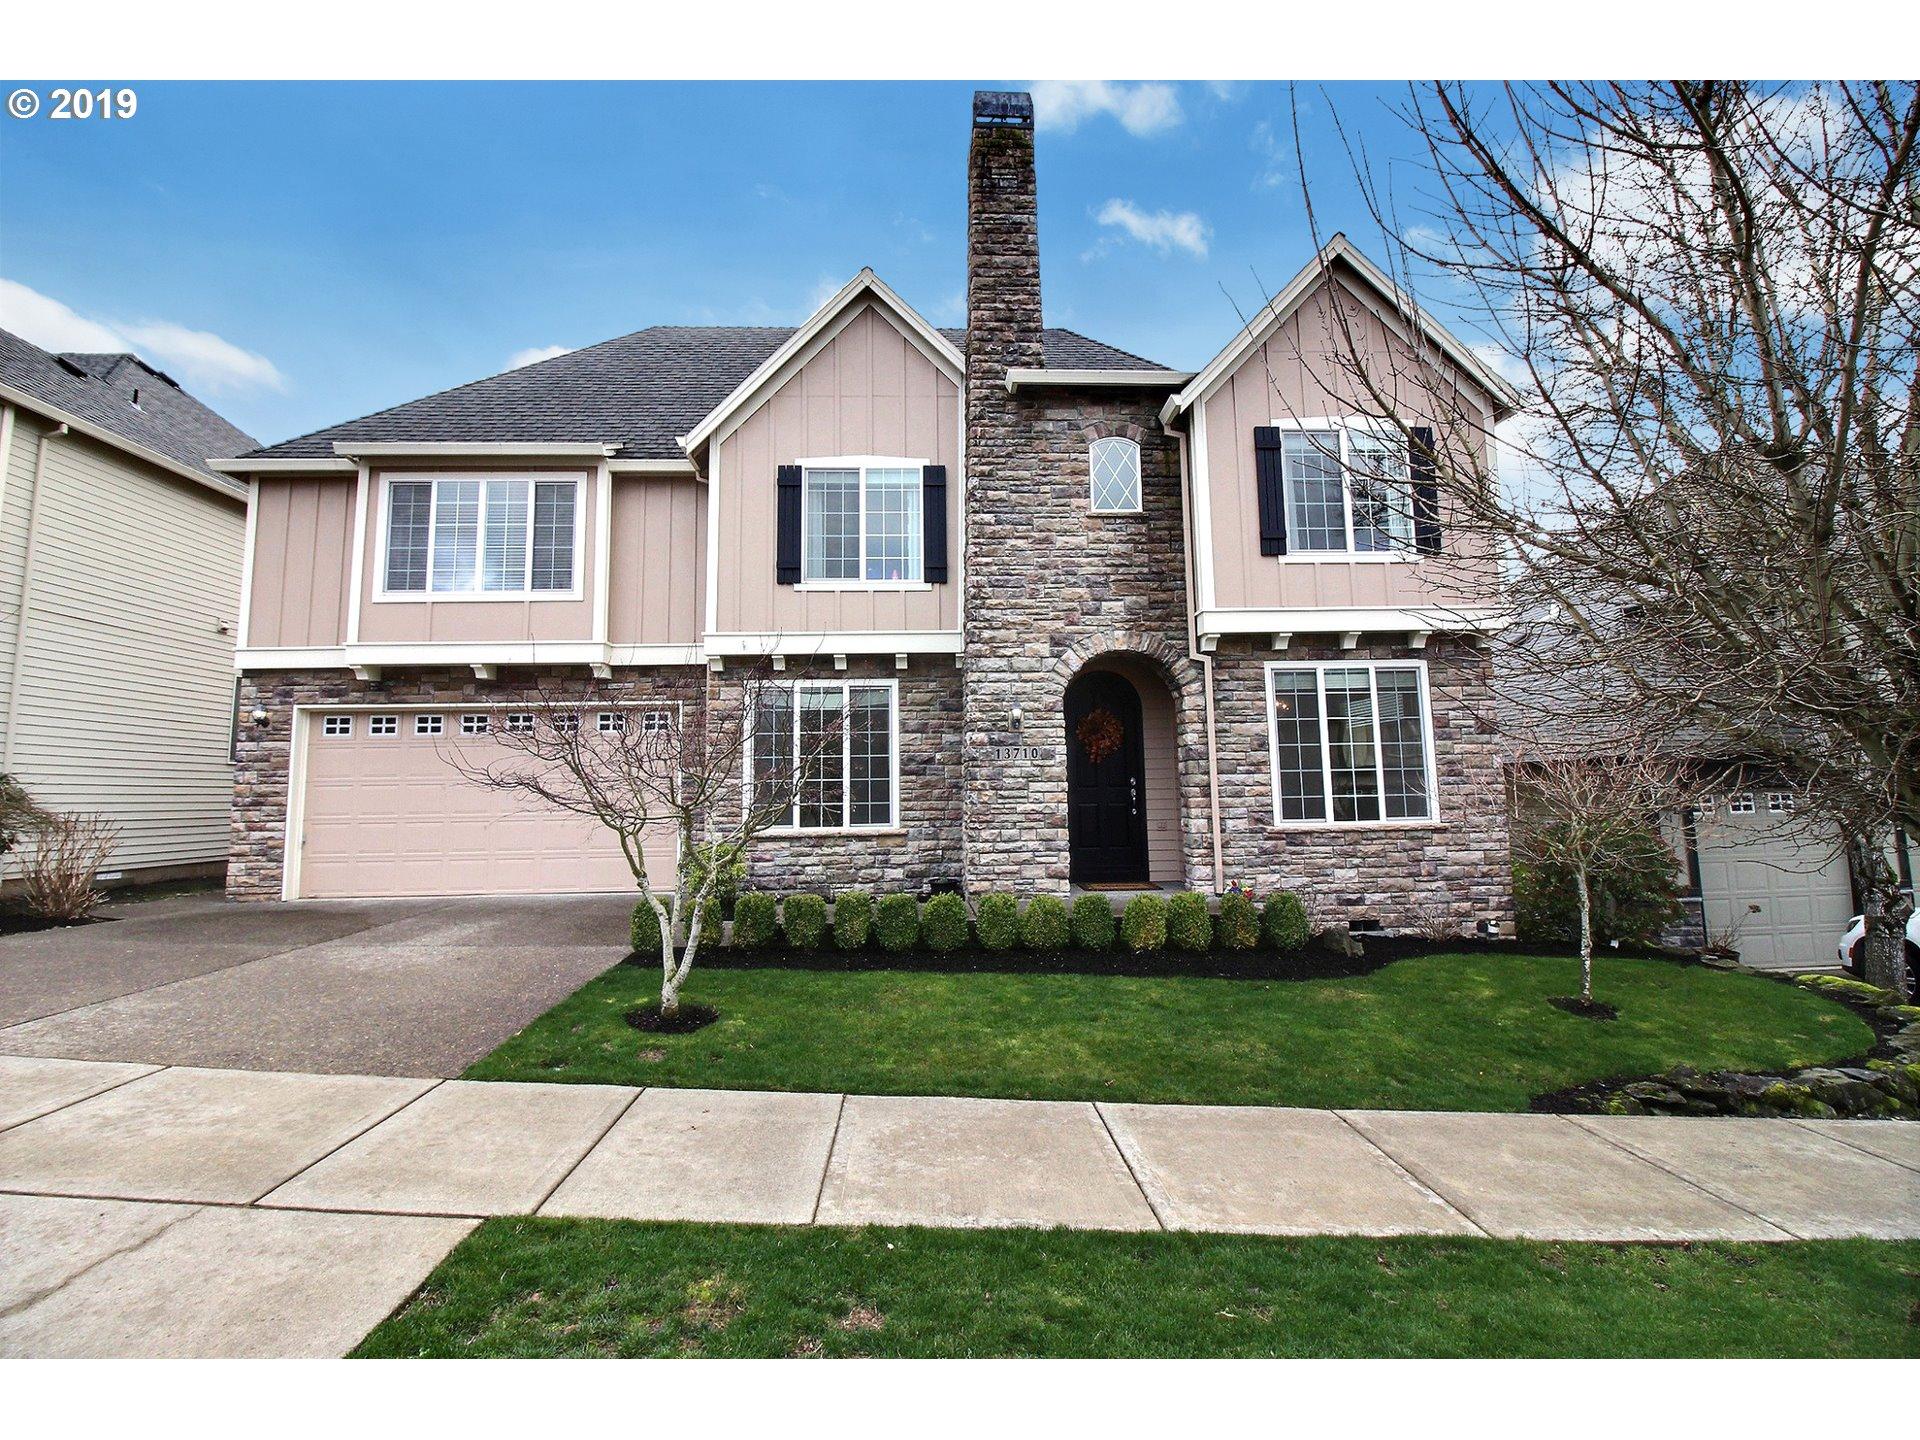 13710 NW HOGAN ST, Portland OR 97229